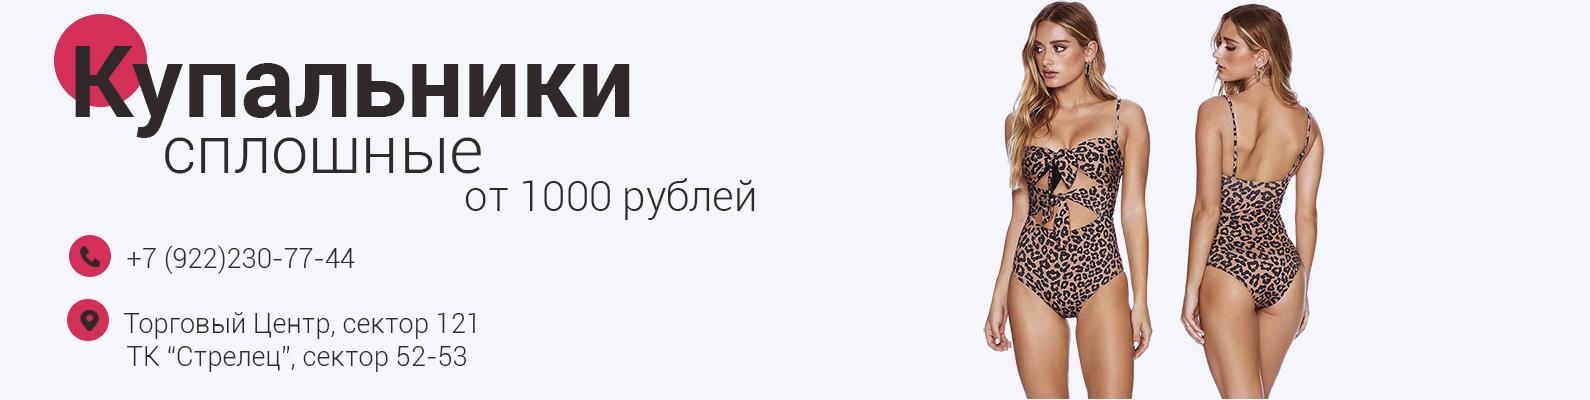 сплошные слитные купальники в челябинске